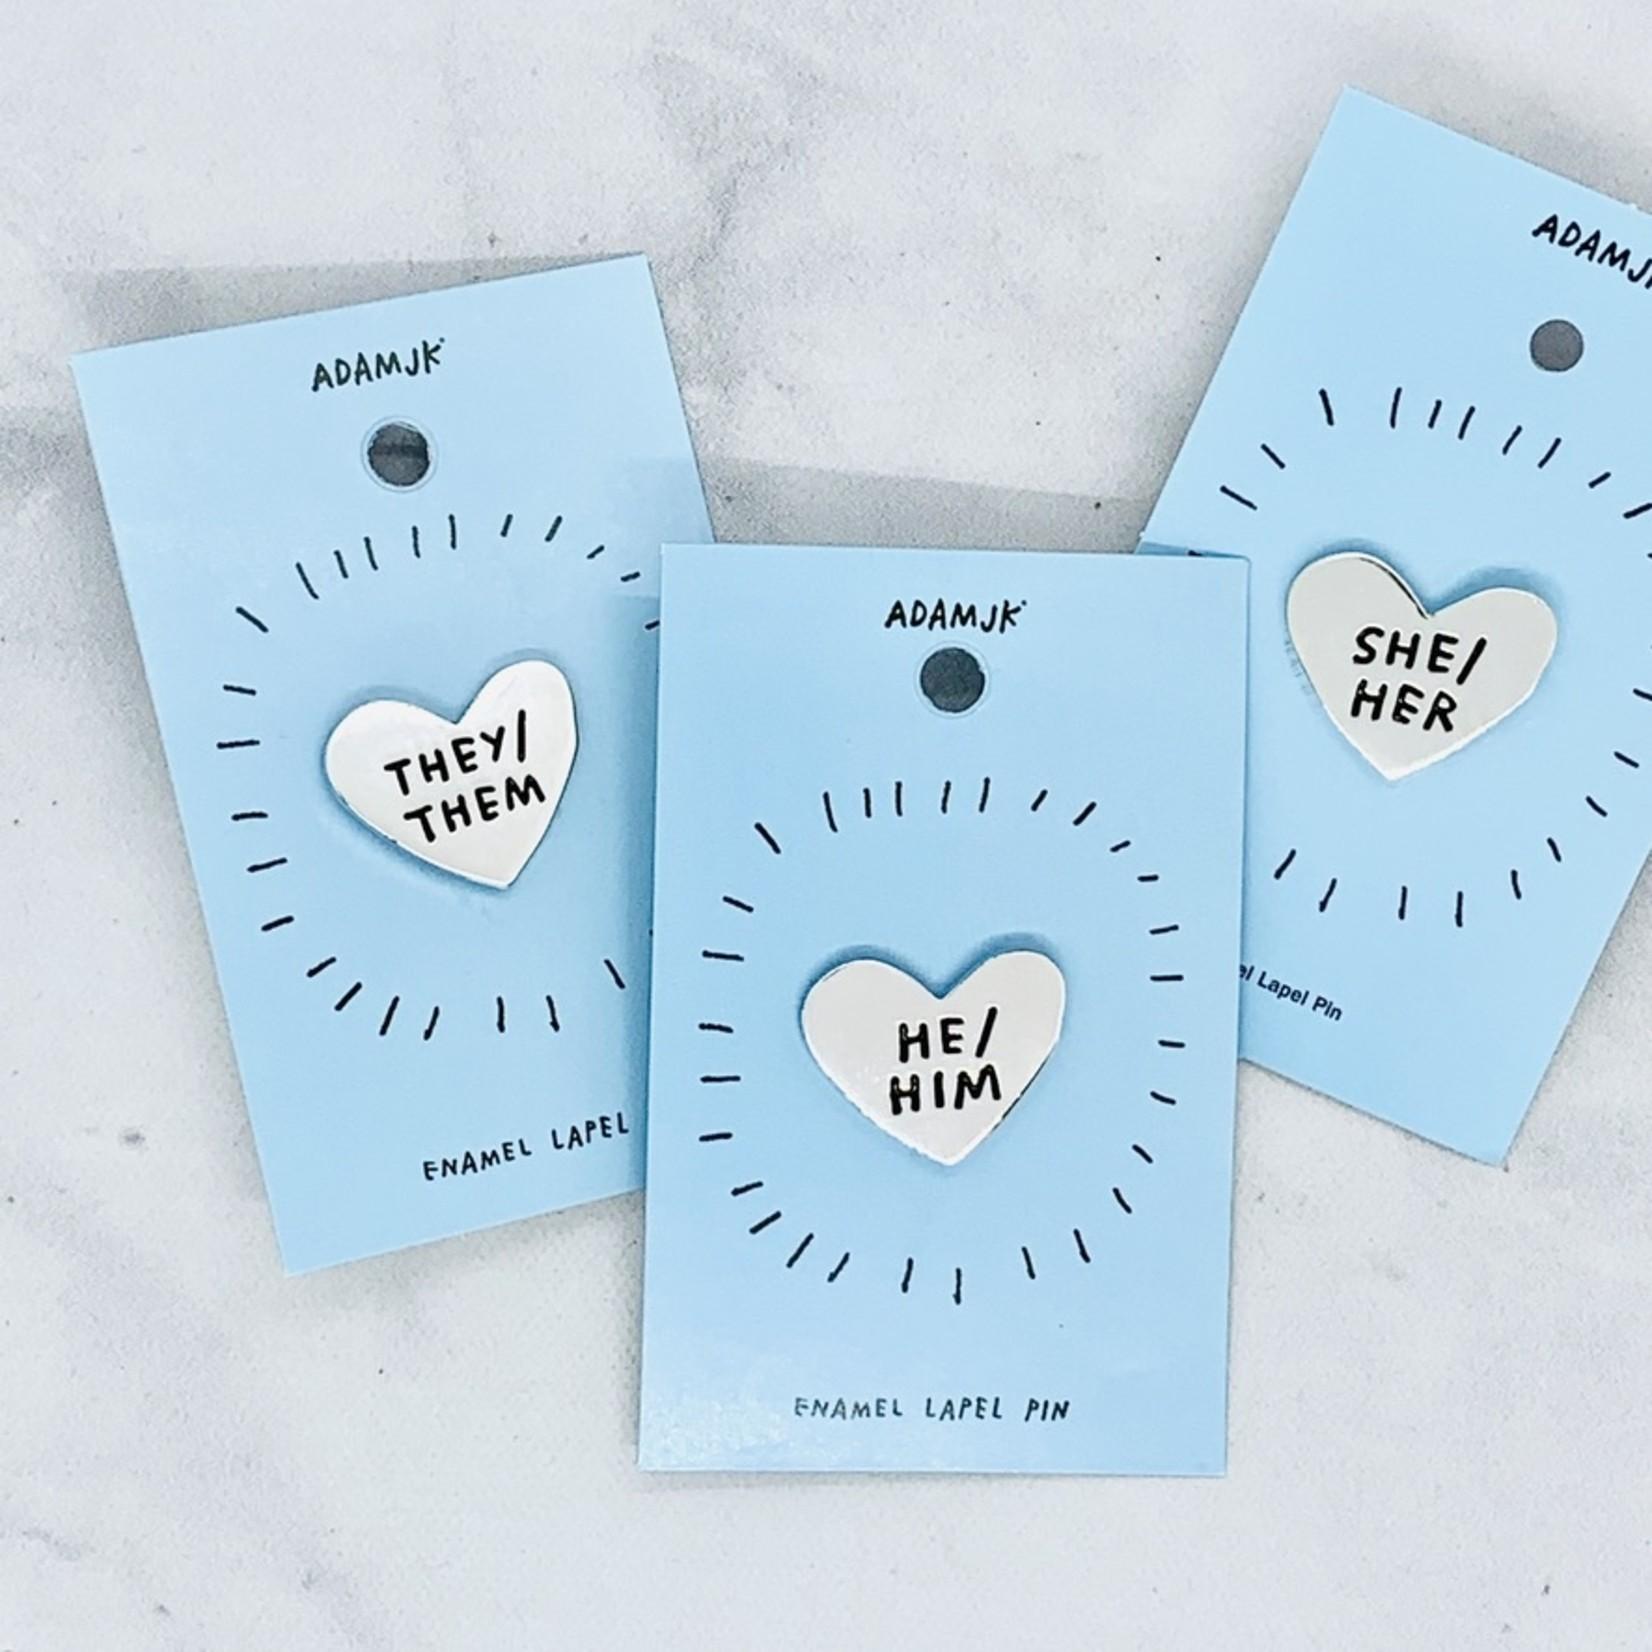 Heart Pronoun Pin